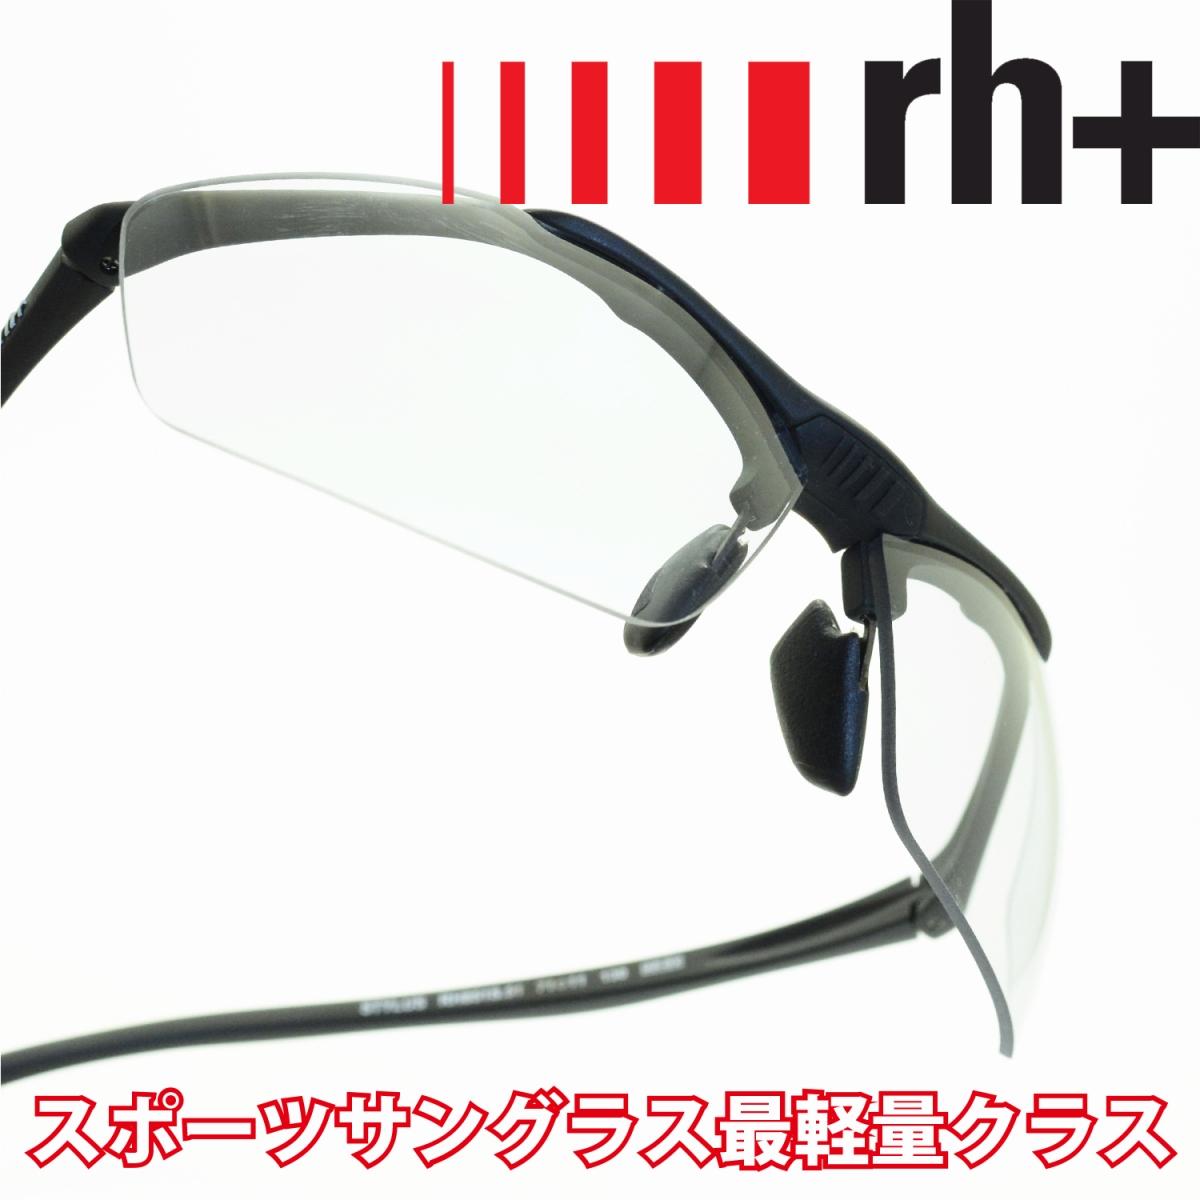 rh+ アールエイチプラス STYLUS JAPAN RH851S51 NXTSOFT調光メガネ 眼鏡 めがね メンズ レディース おしゃれ ブランド 人気 おすすめ フレーム 流行り 度付き レンズ サングラス スポーツ